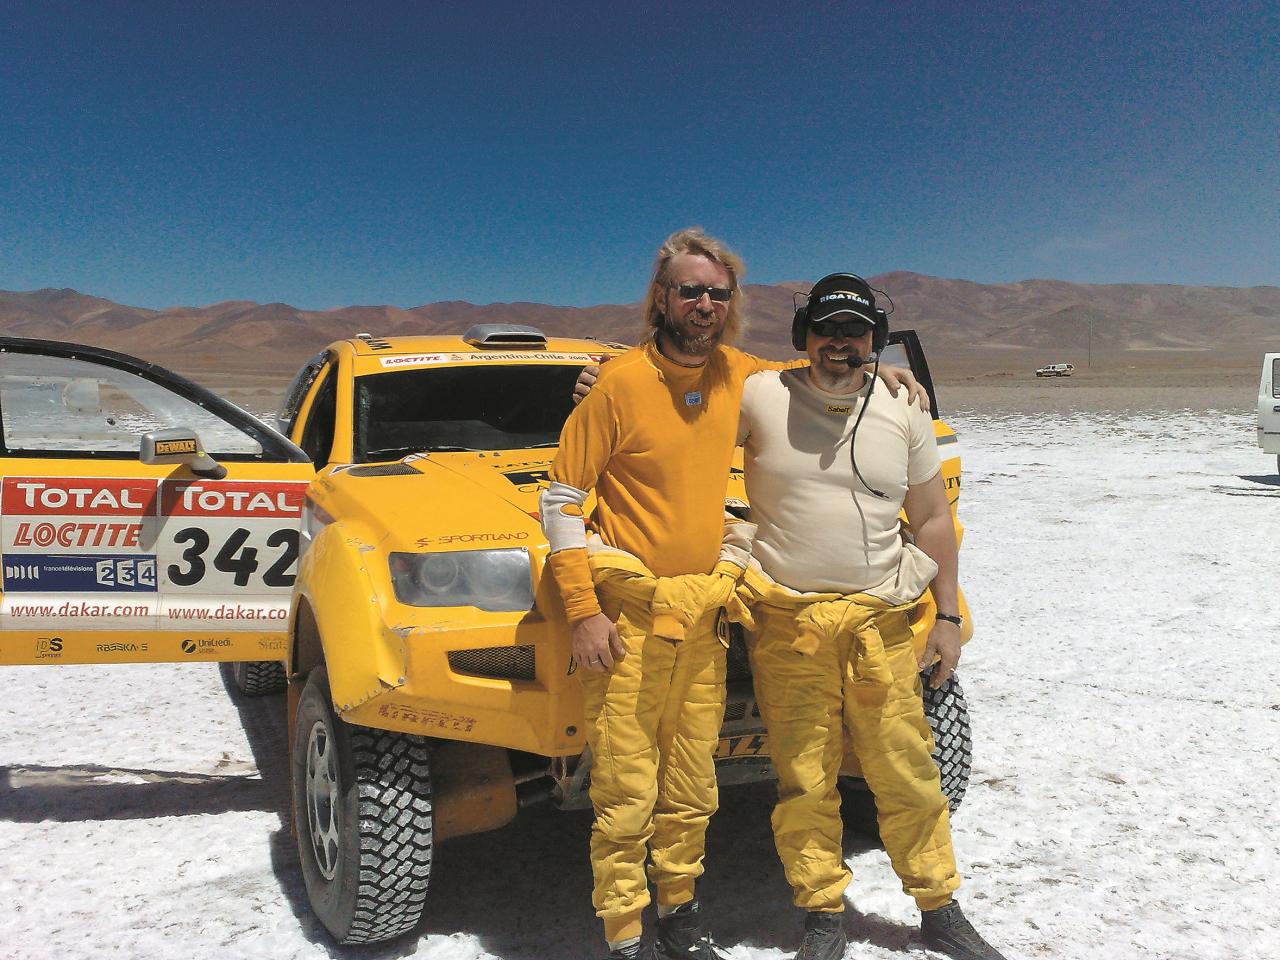 Jānis Āzis kopā ar savu stūrmani Aināru Princi pagaidām savā pēdējā Dakaras rallijā2009. gadā, kad tika izcīnīta augstā24. vieta.